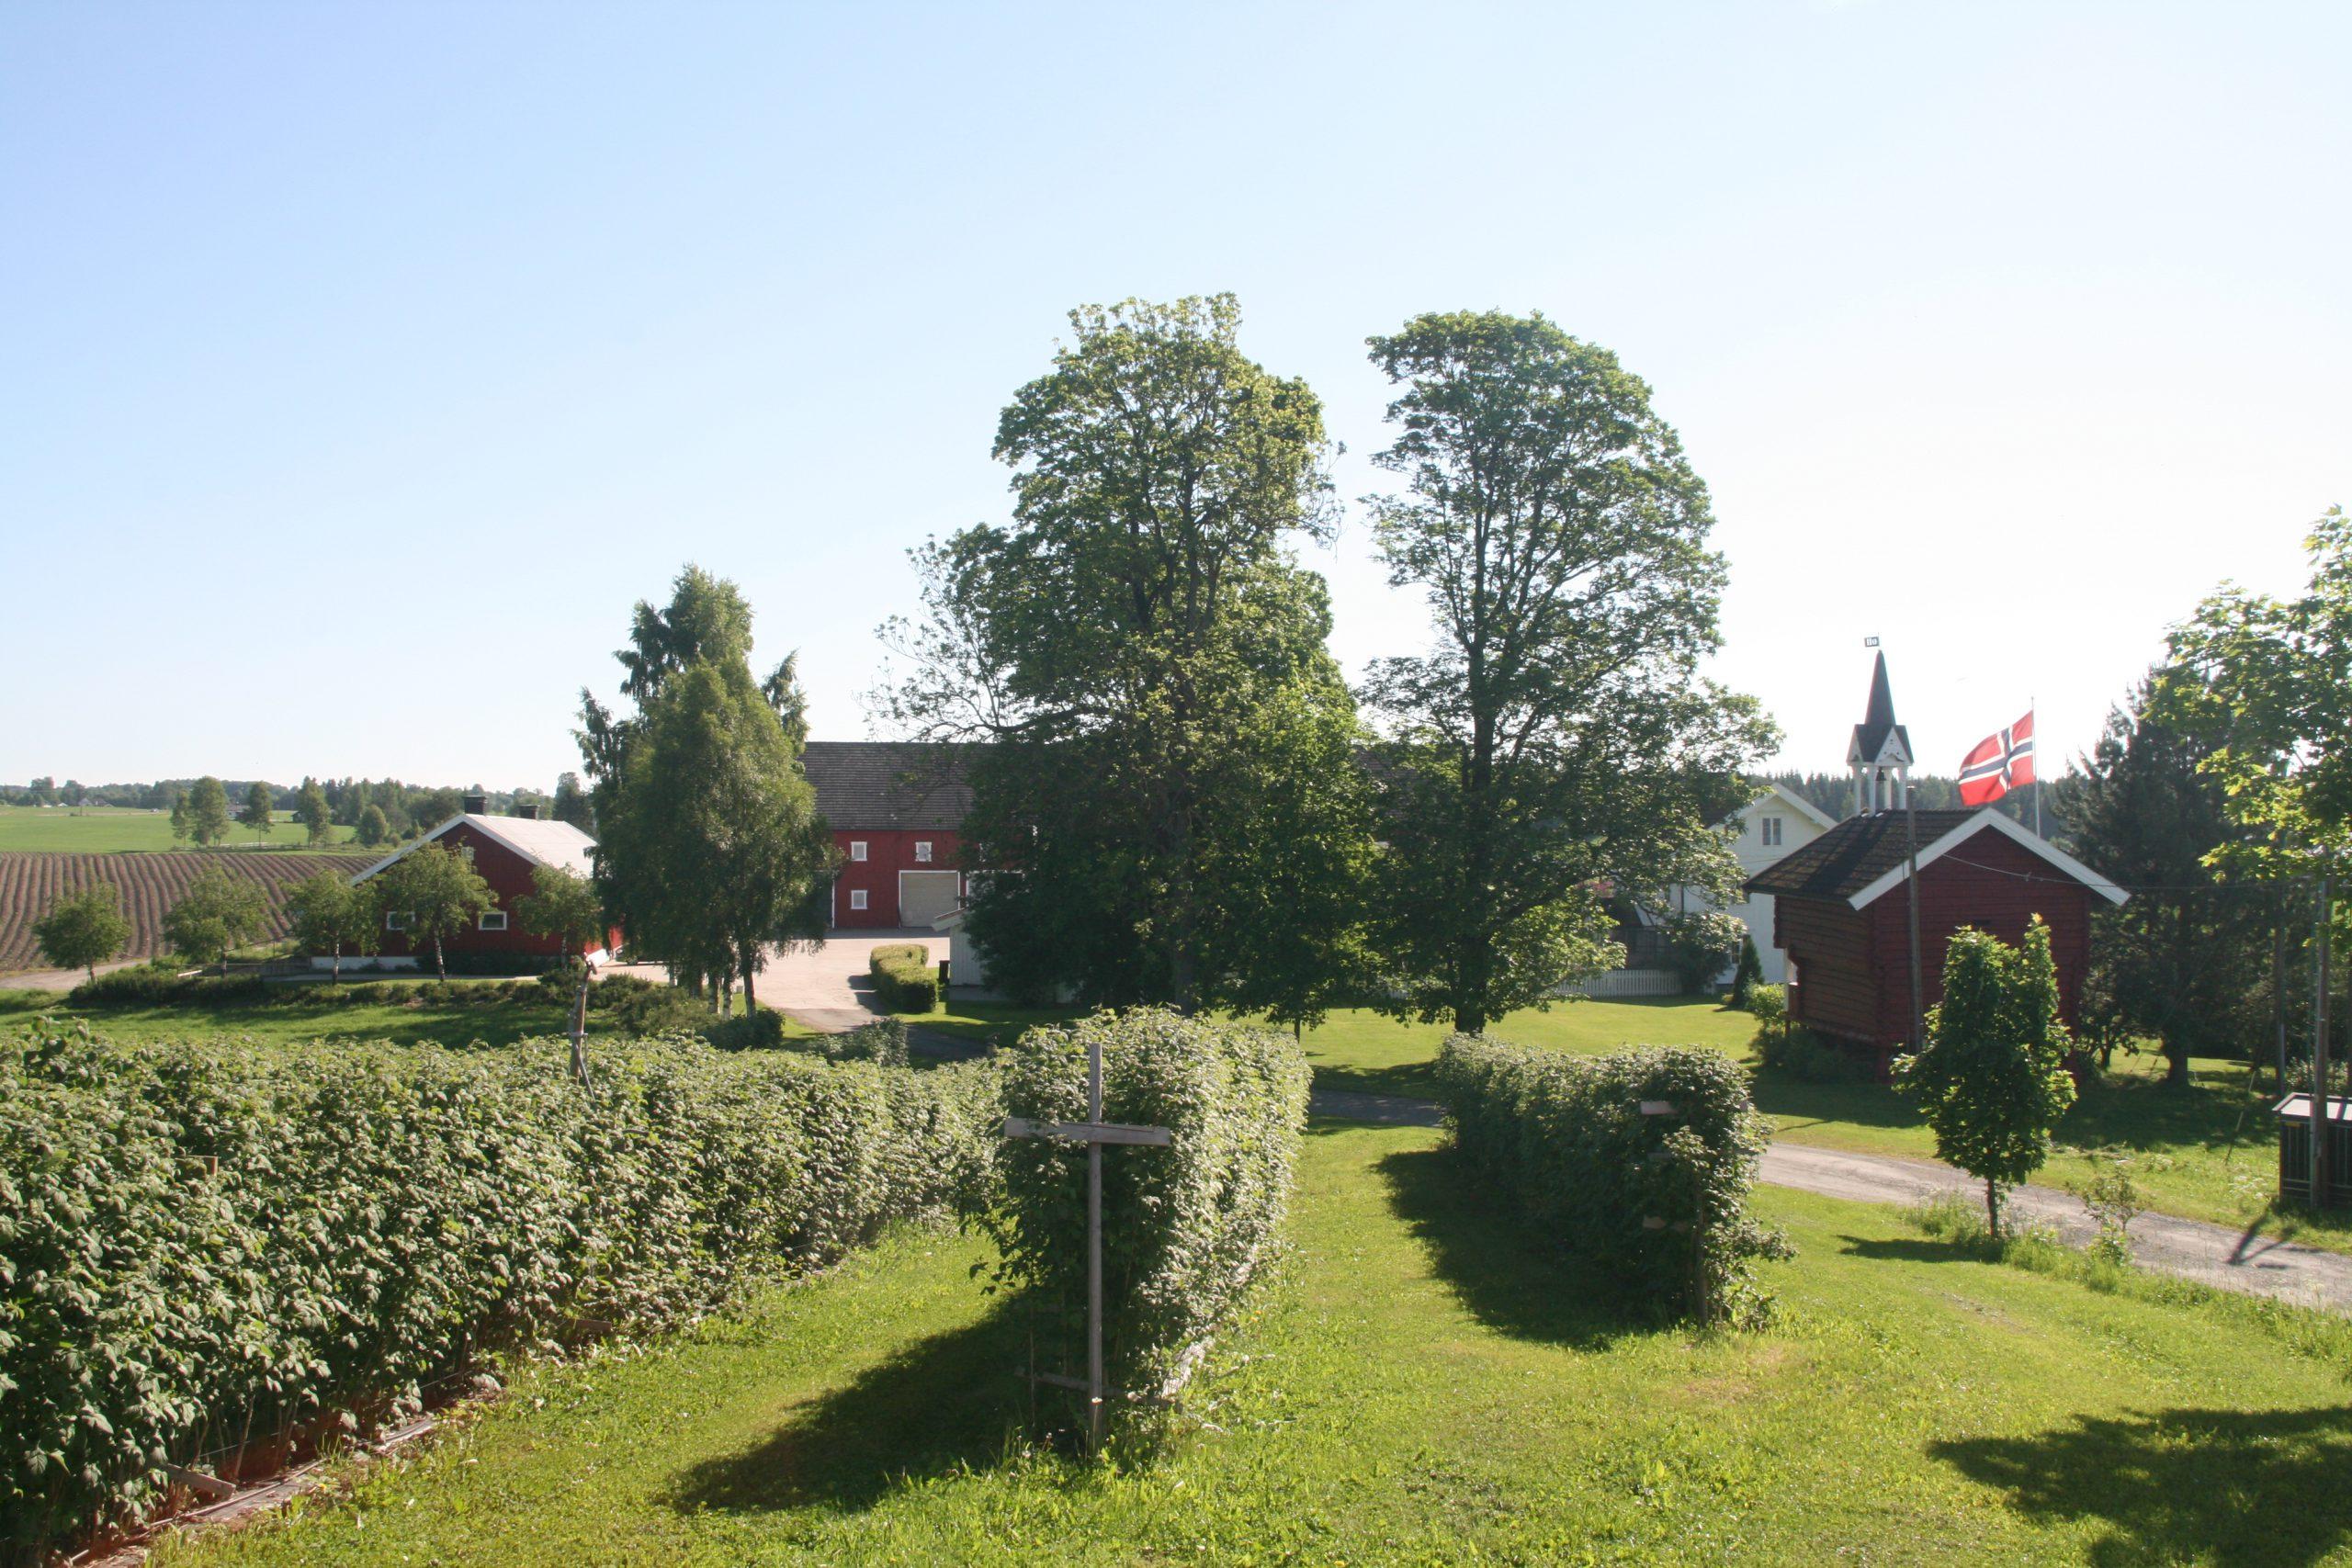 Ingvoldstad gård